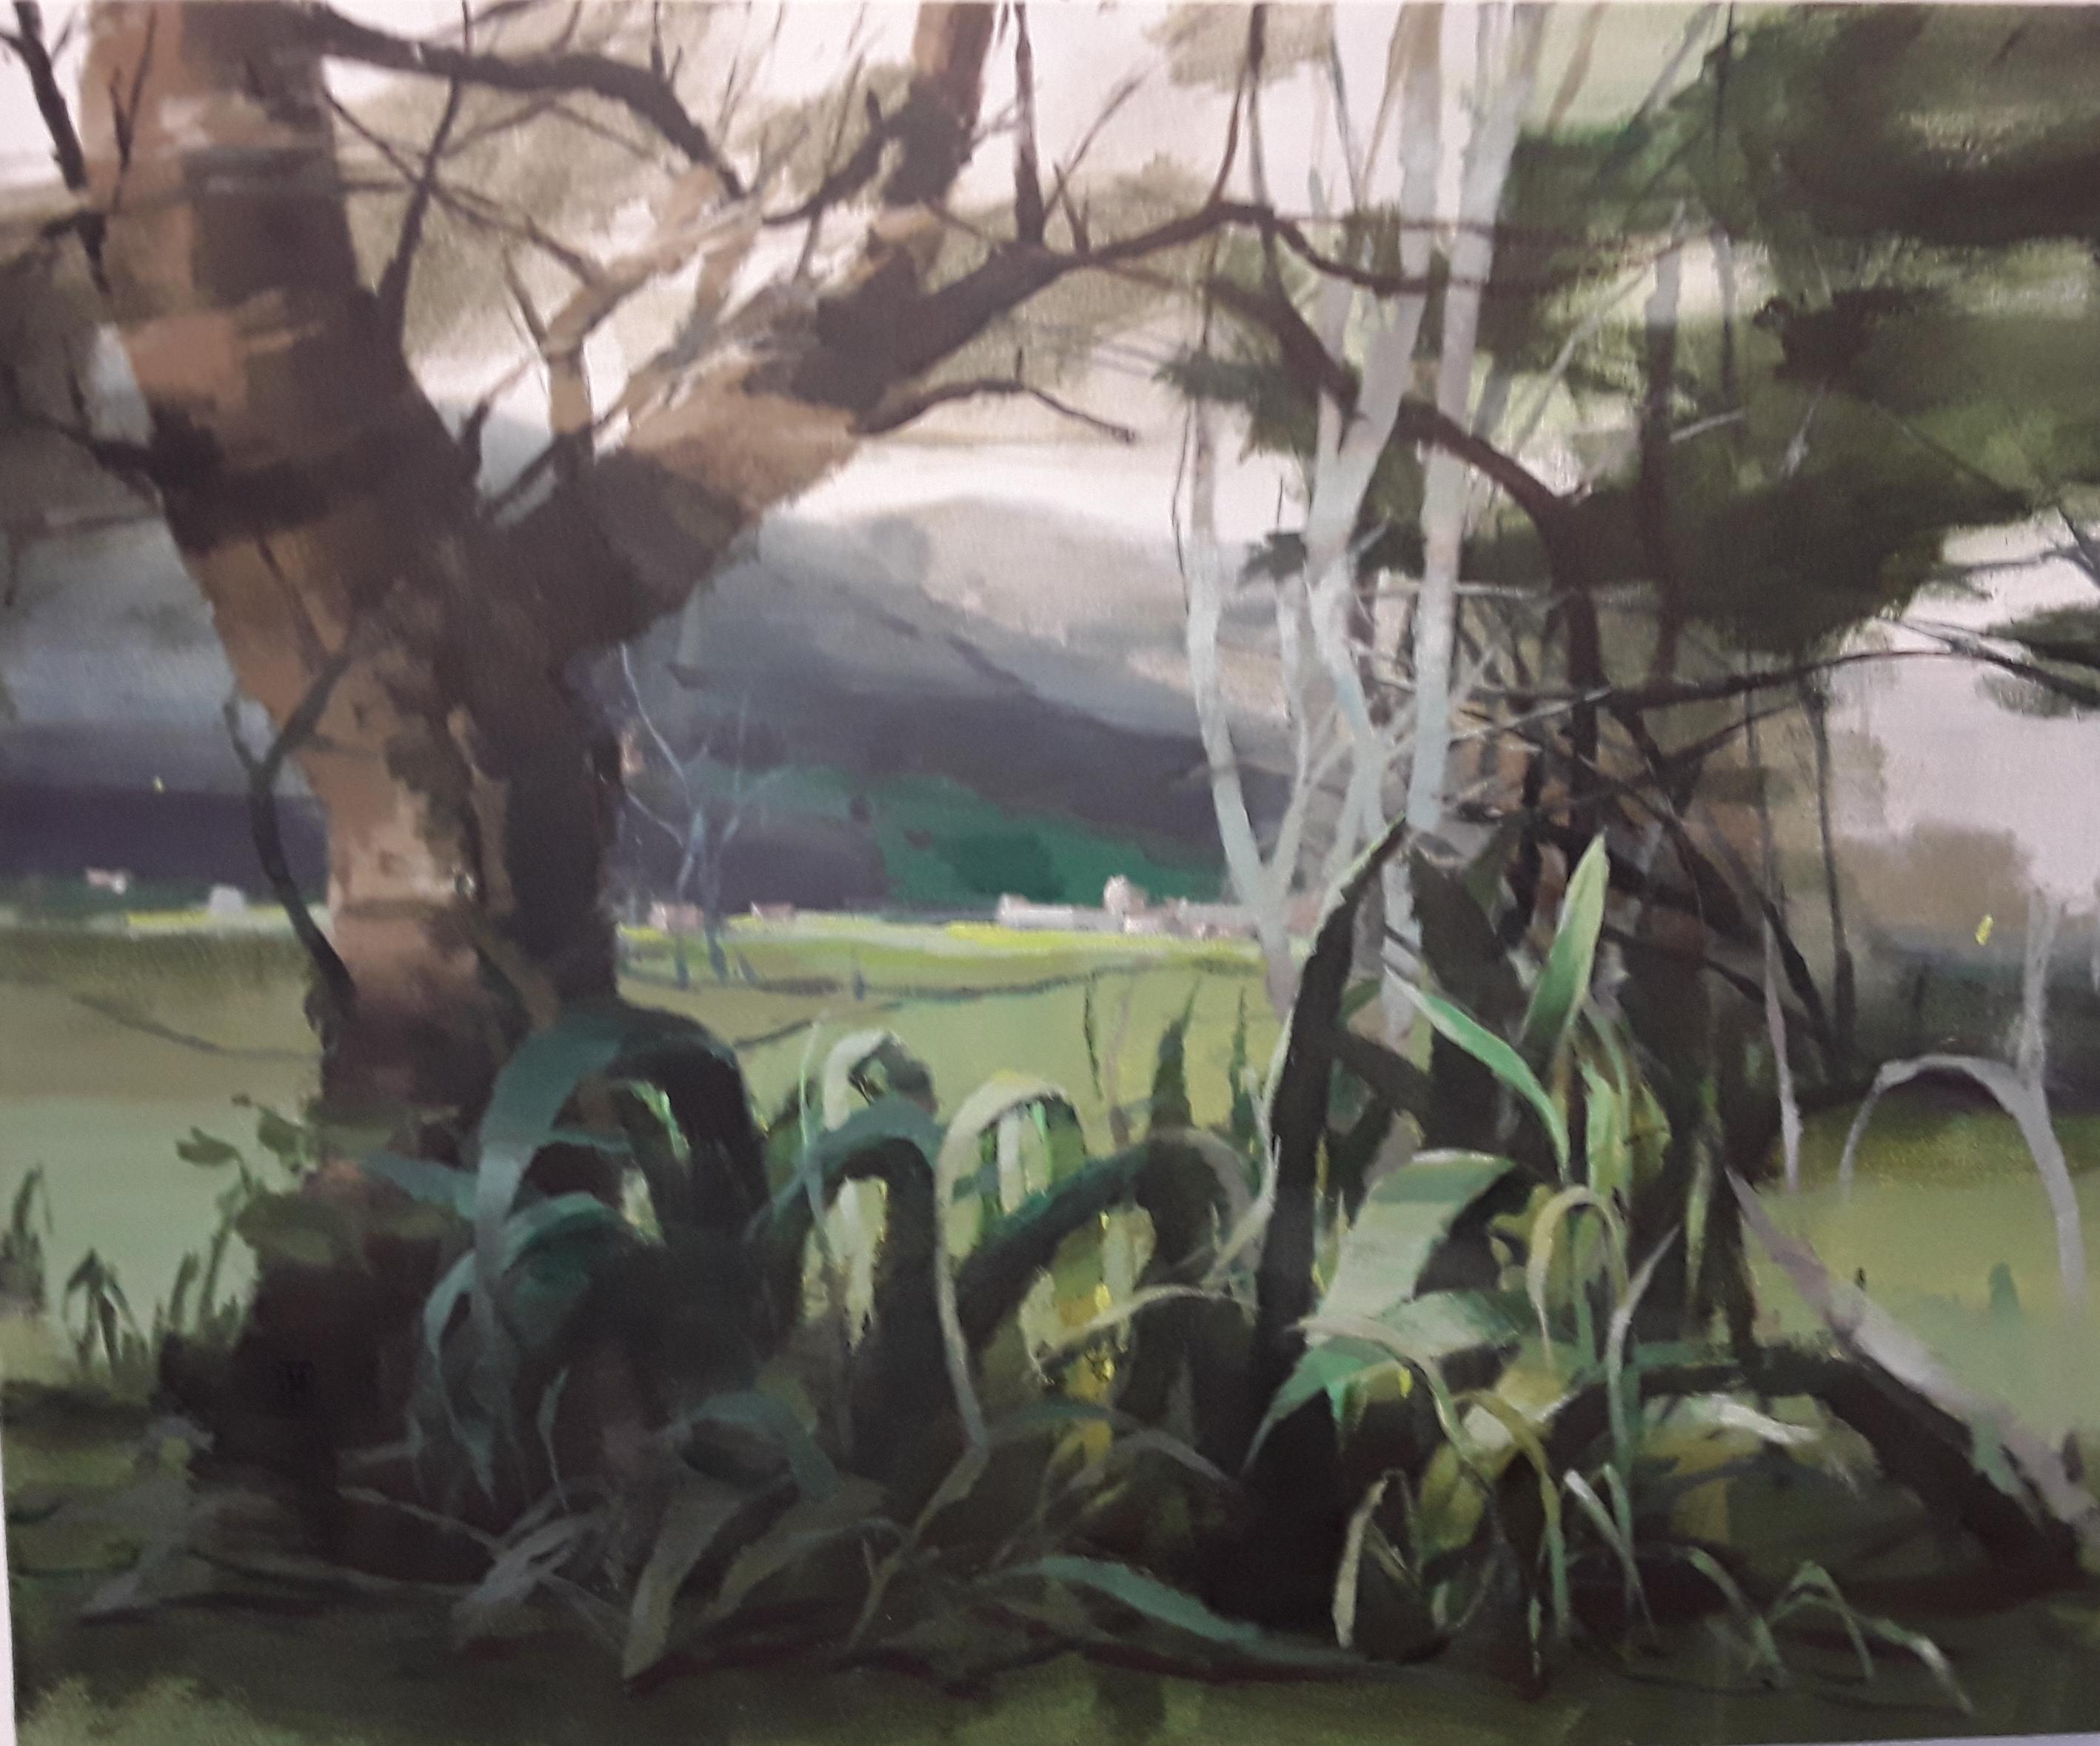 XXII Artziniega Hiriko Margo Lehiaketa/XXII Concurso de Pintura Villa de Artziniega